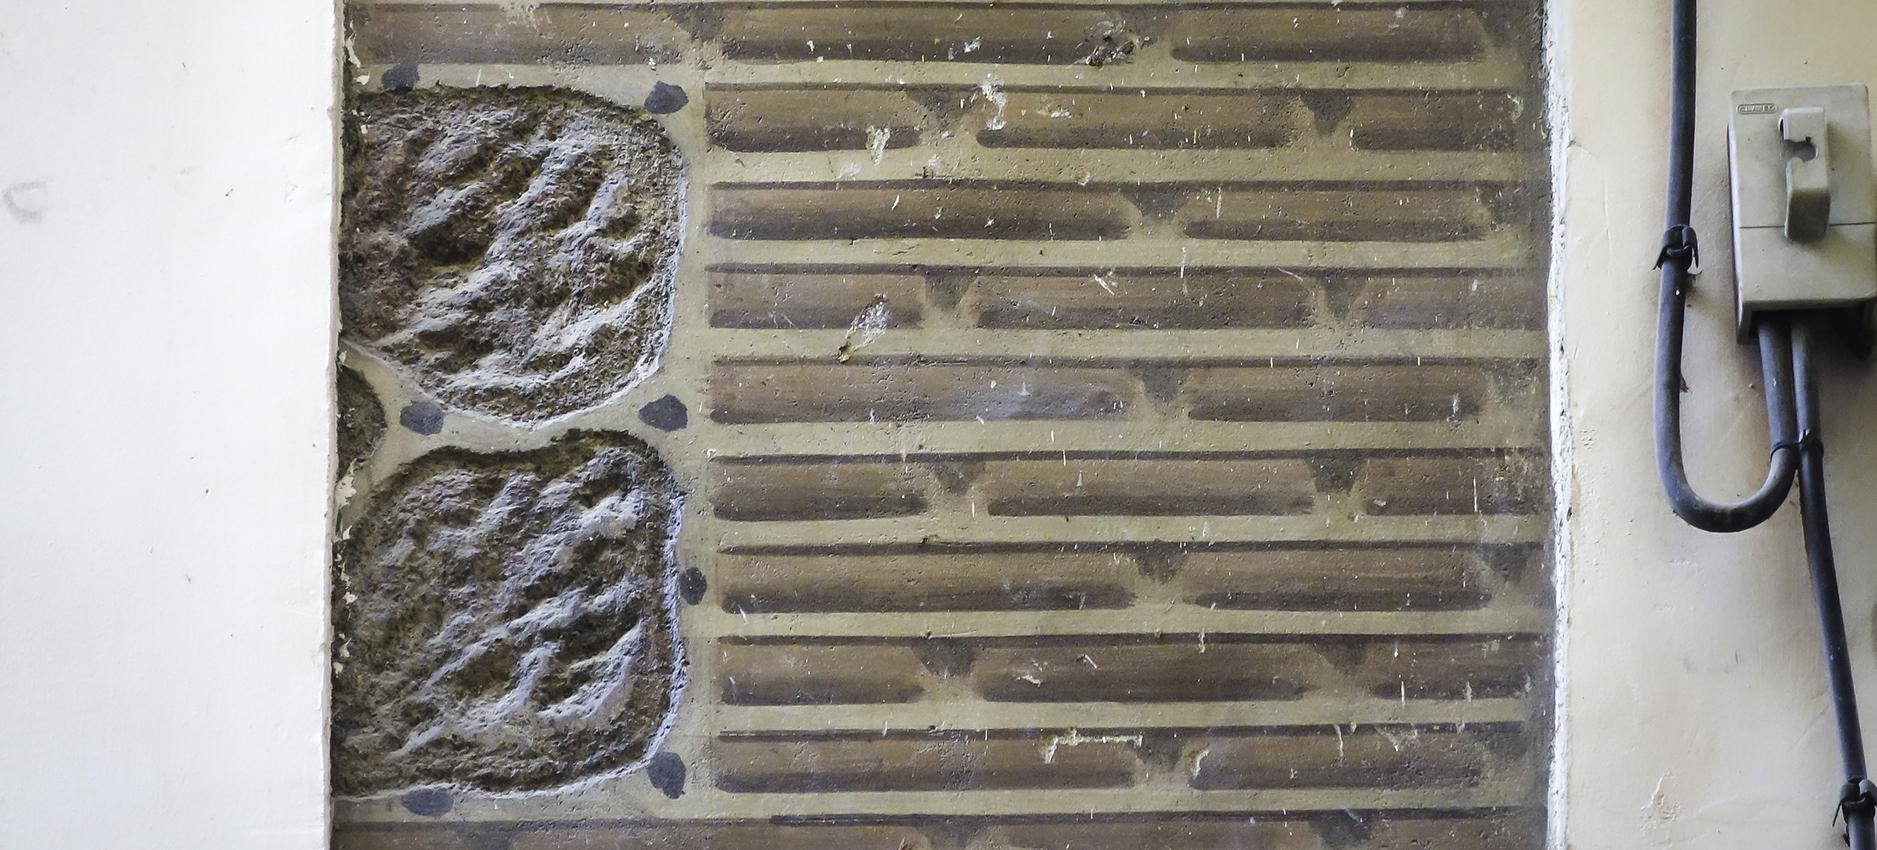 Pequeño fragmento de un trampantojo en la fachada de un edificio de la Calle Chapinería, Toledo. Fotografía: Jose María Gutiérrez Arias, Sección Vivienda, Consorcio de la ciudad de Toledo